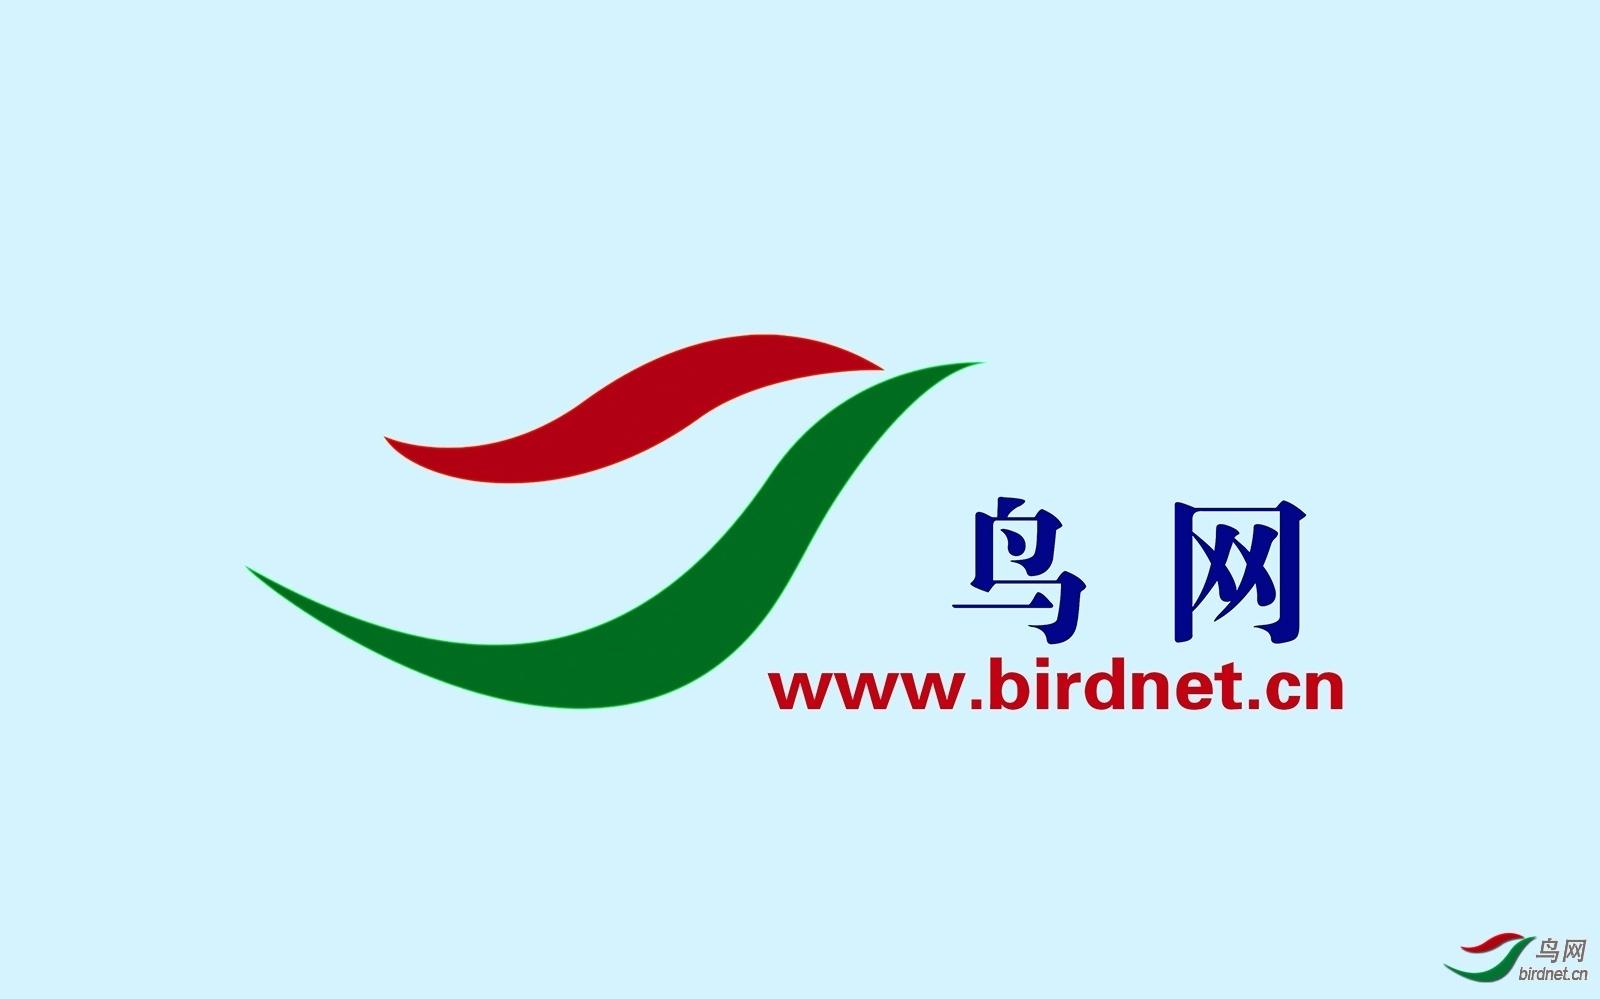 鸟网旗帜.jpg